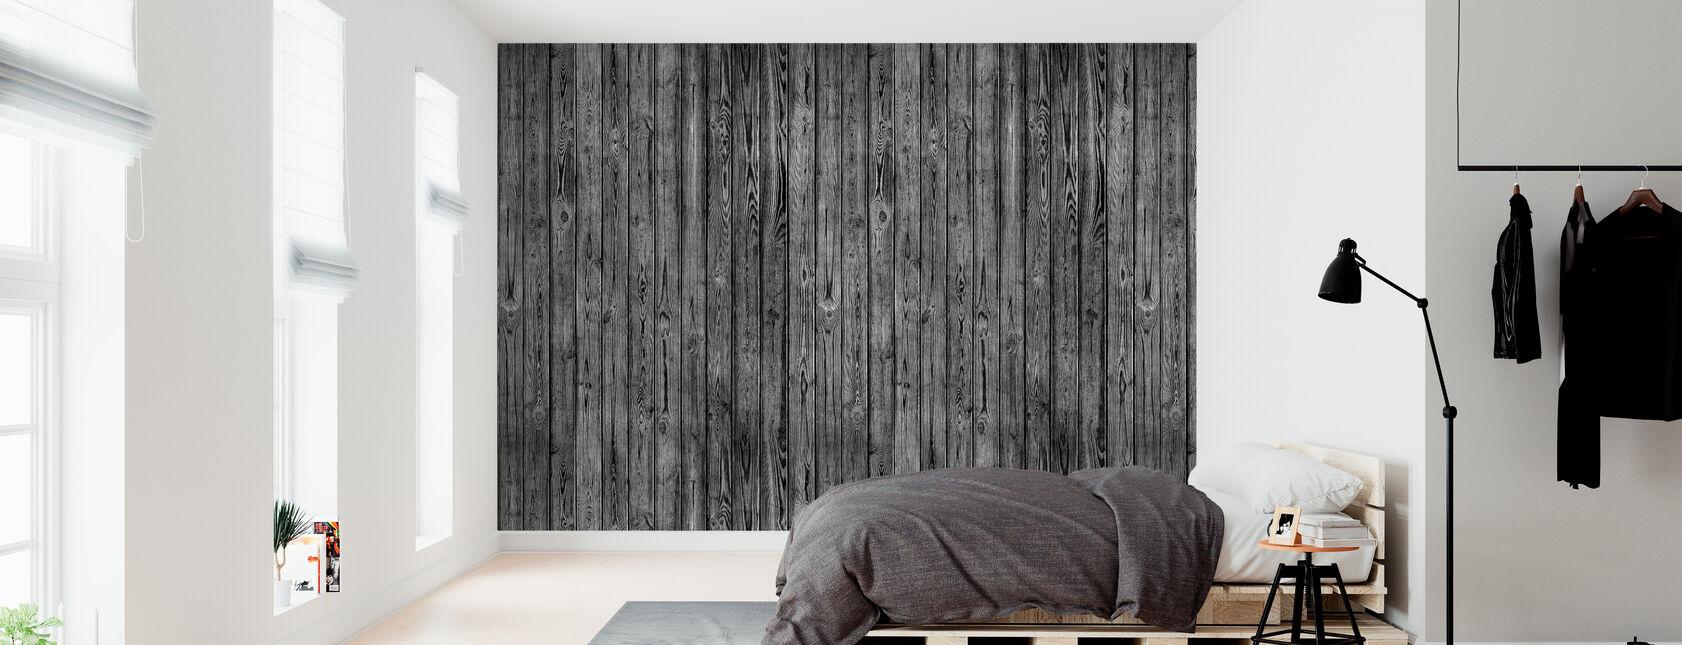 Puinen lankku Wall - Musta - Tapetti - Makuuhuone